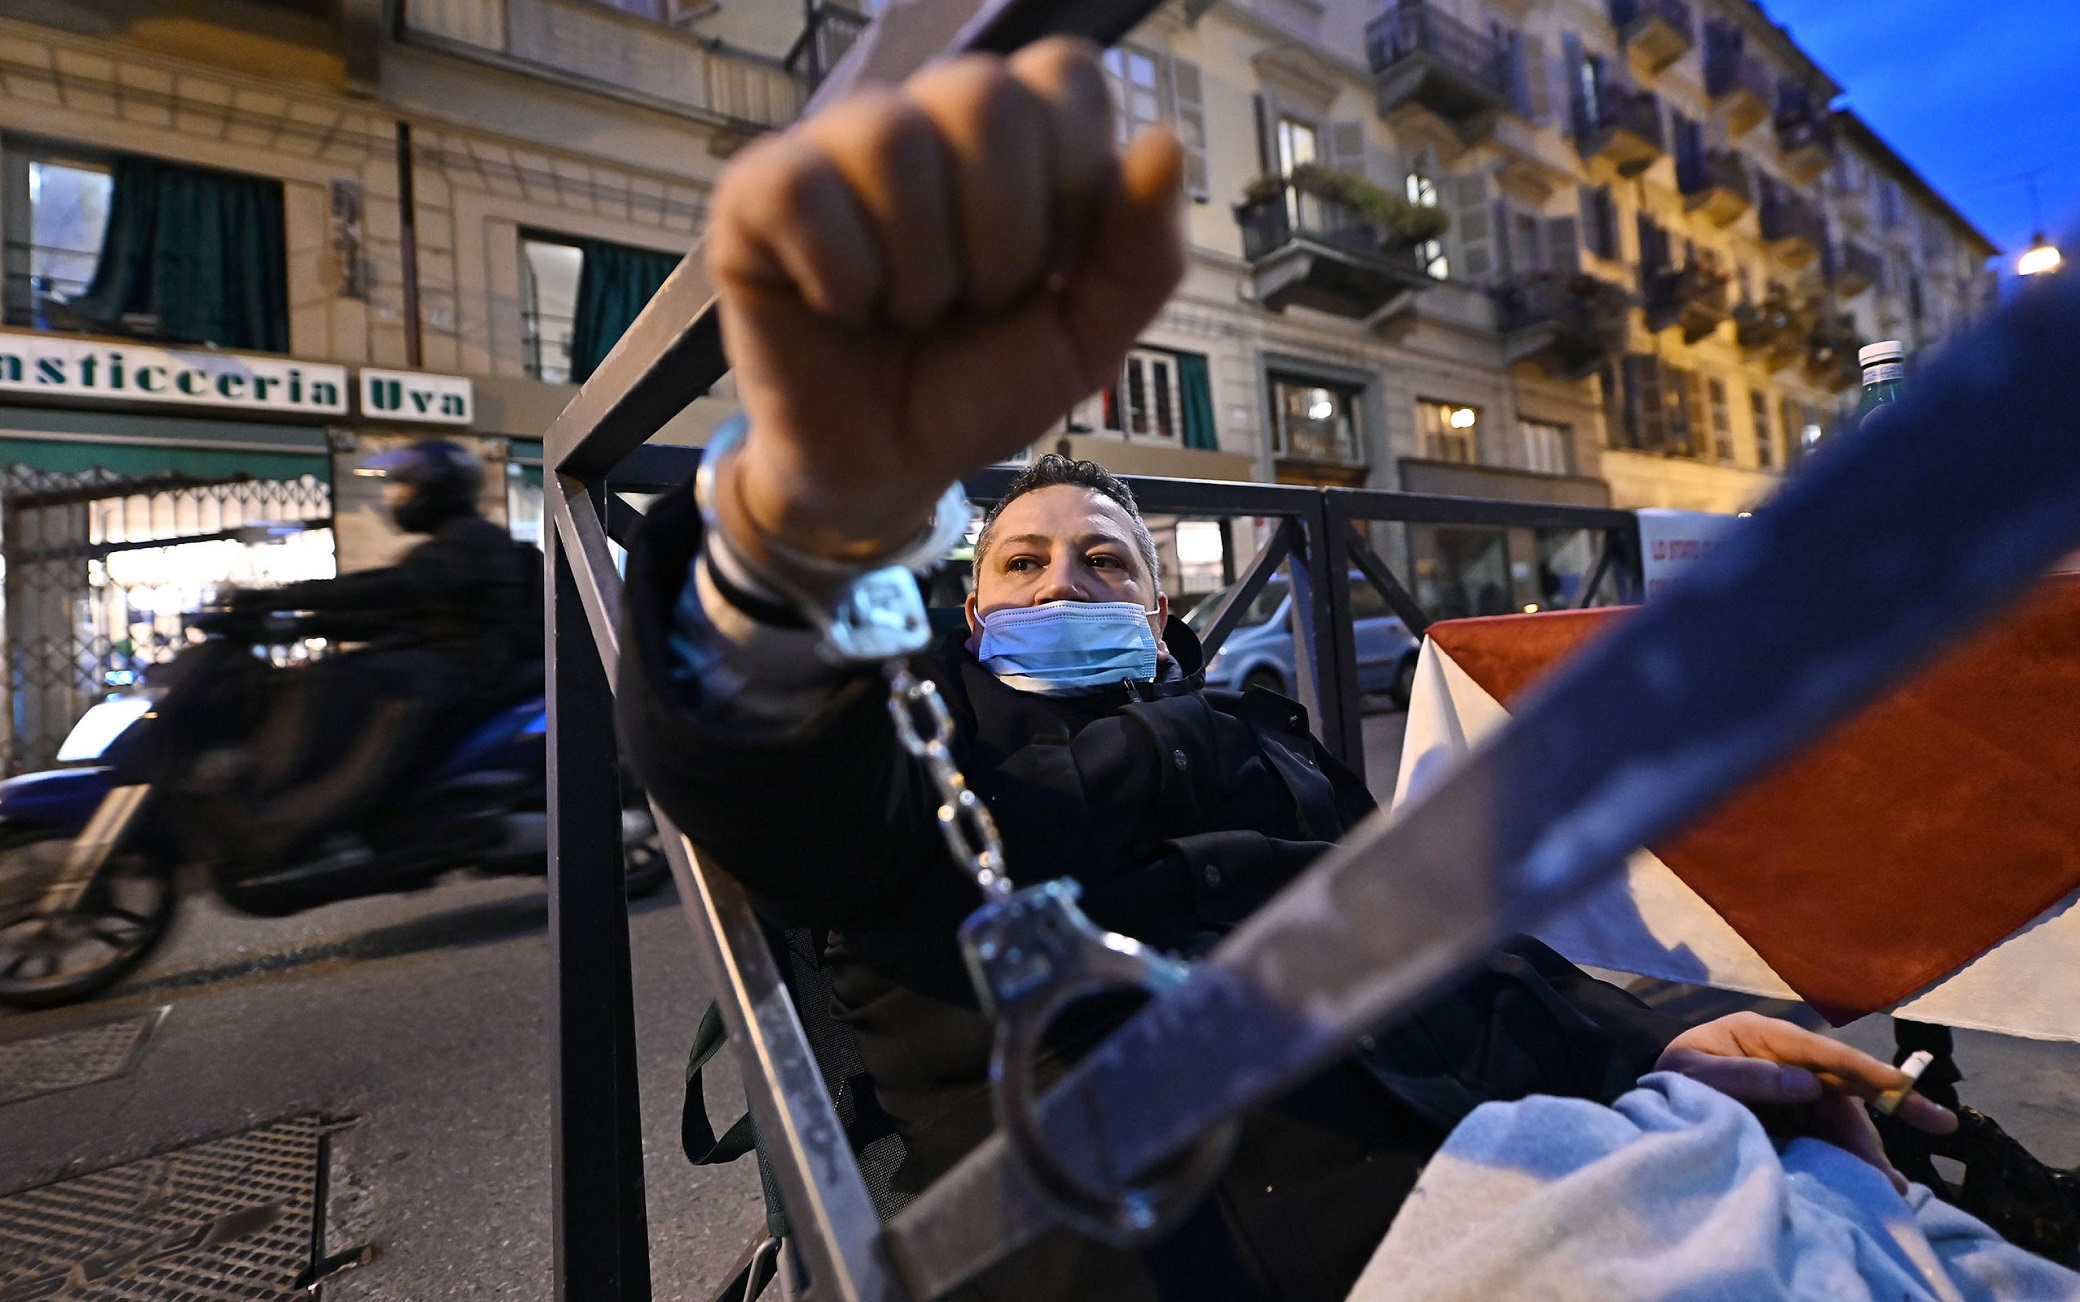 Salvatore Chiarello ammanettato al dehors del proprio locale, il bar Retrò